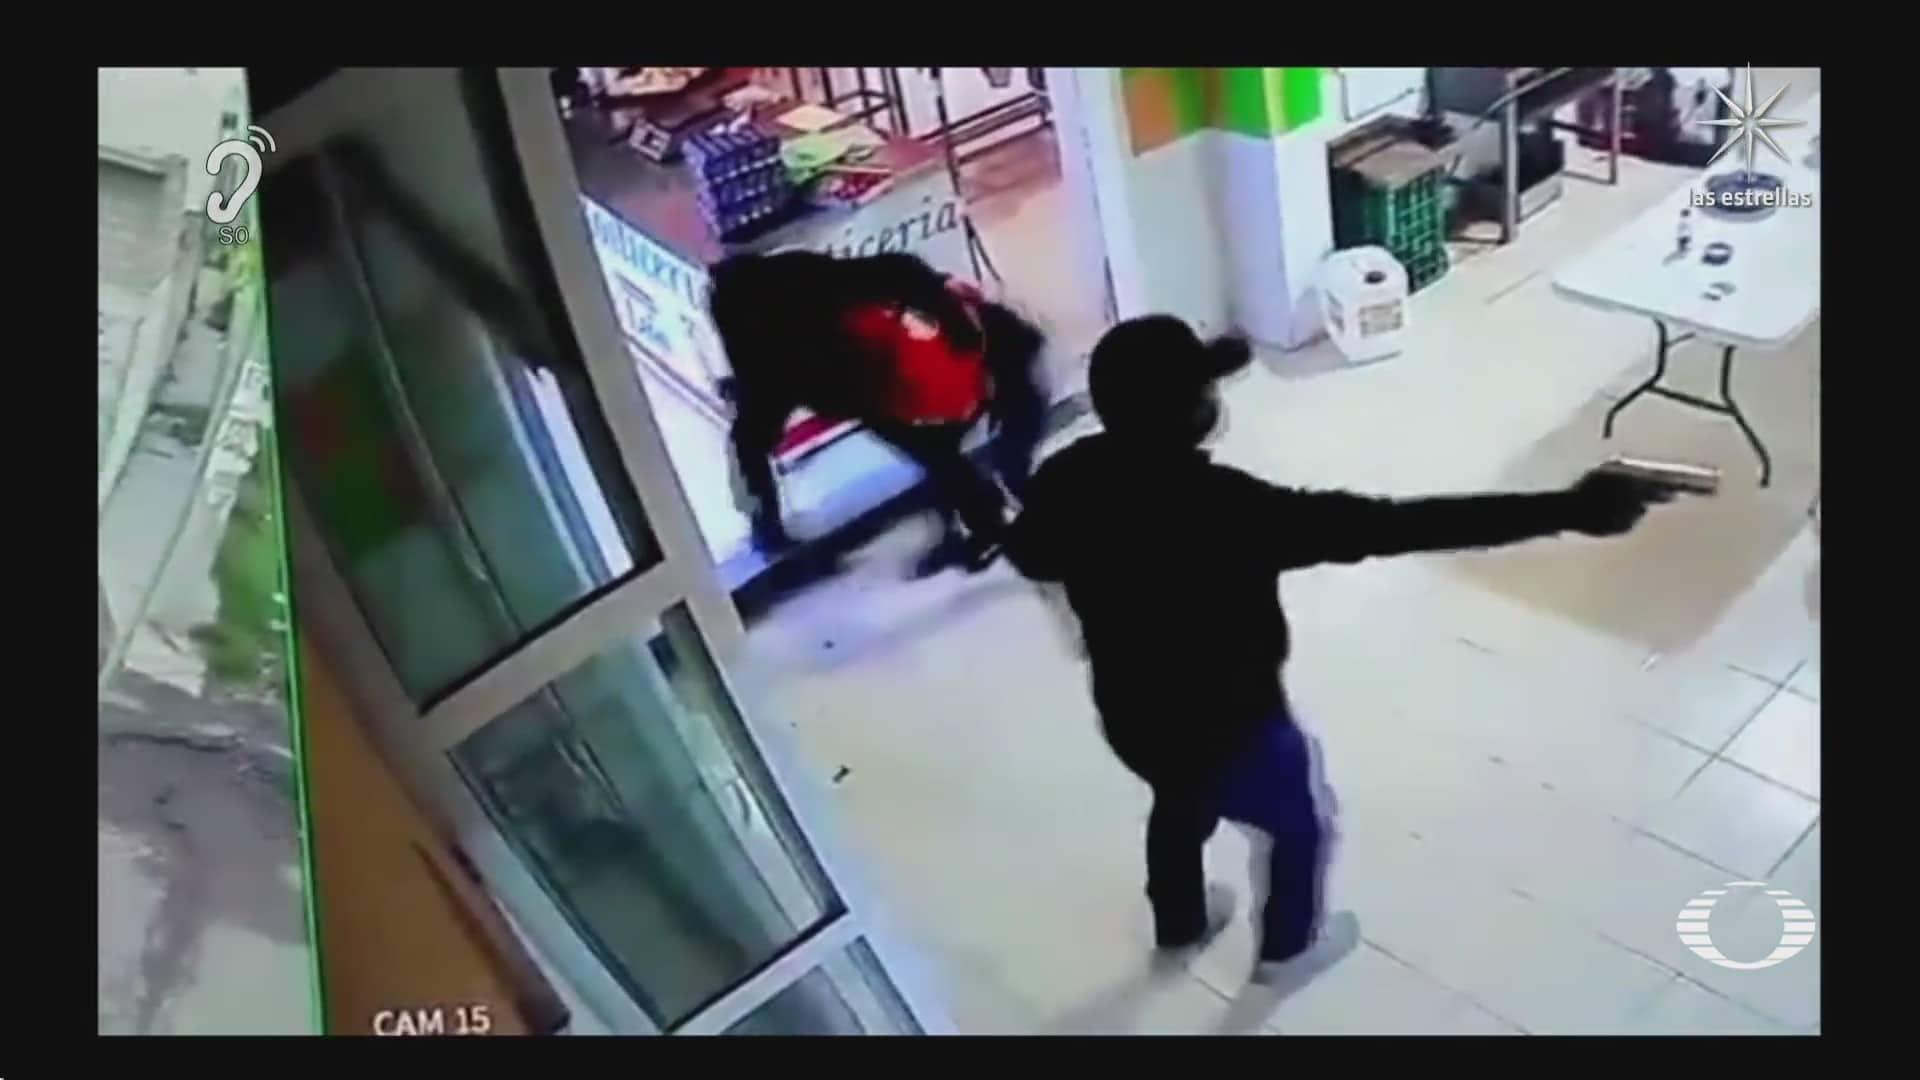 video secuestro de trabajadora de rosticeria en guanajuato se desconoce su paradero